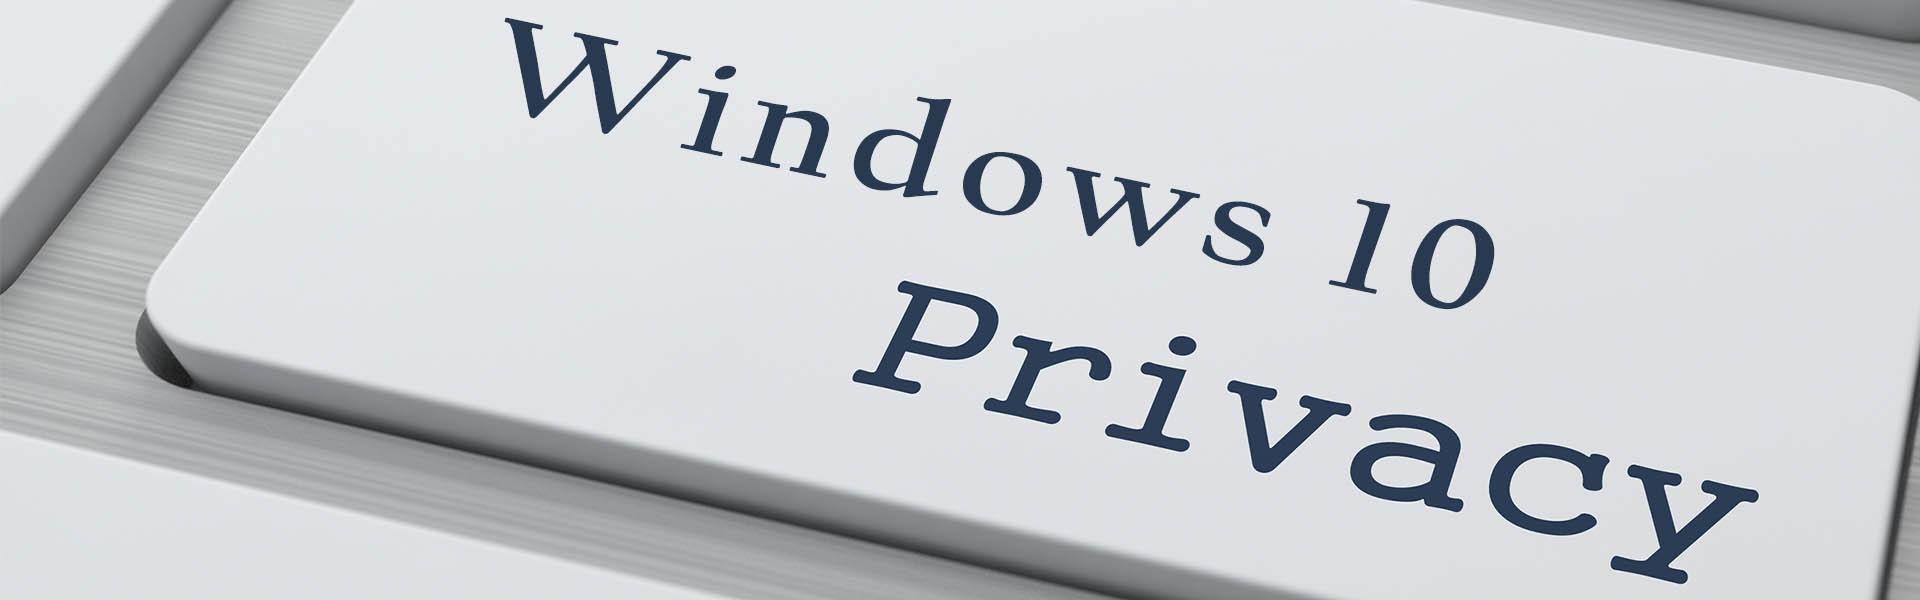 לאן הלכה הפרטיות ב Windows 10?